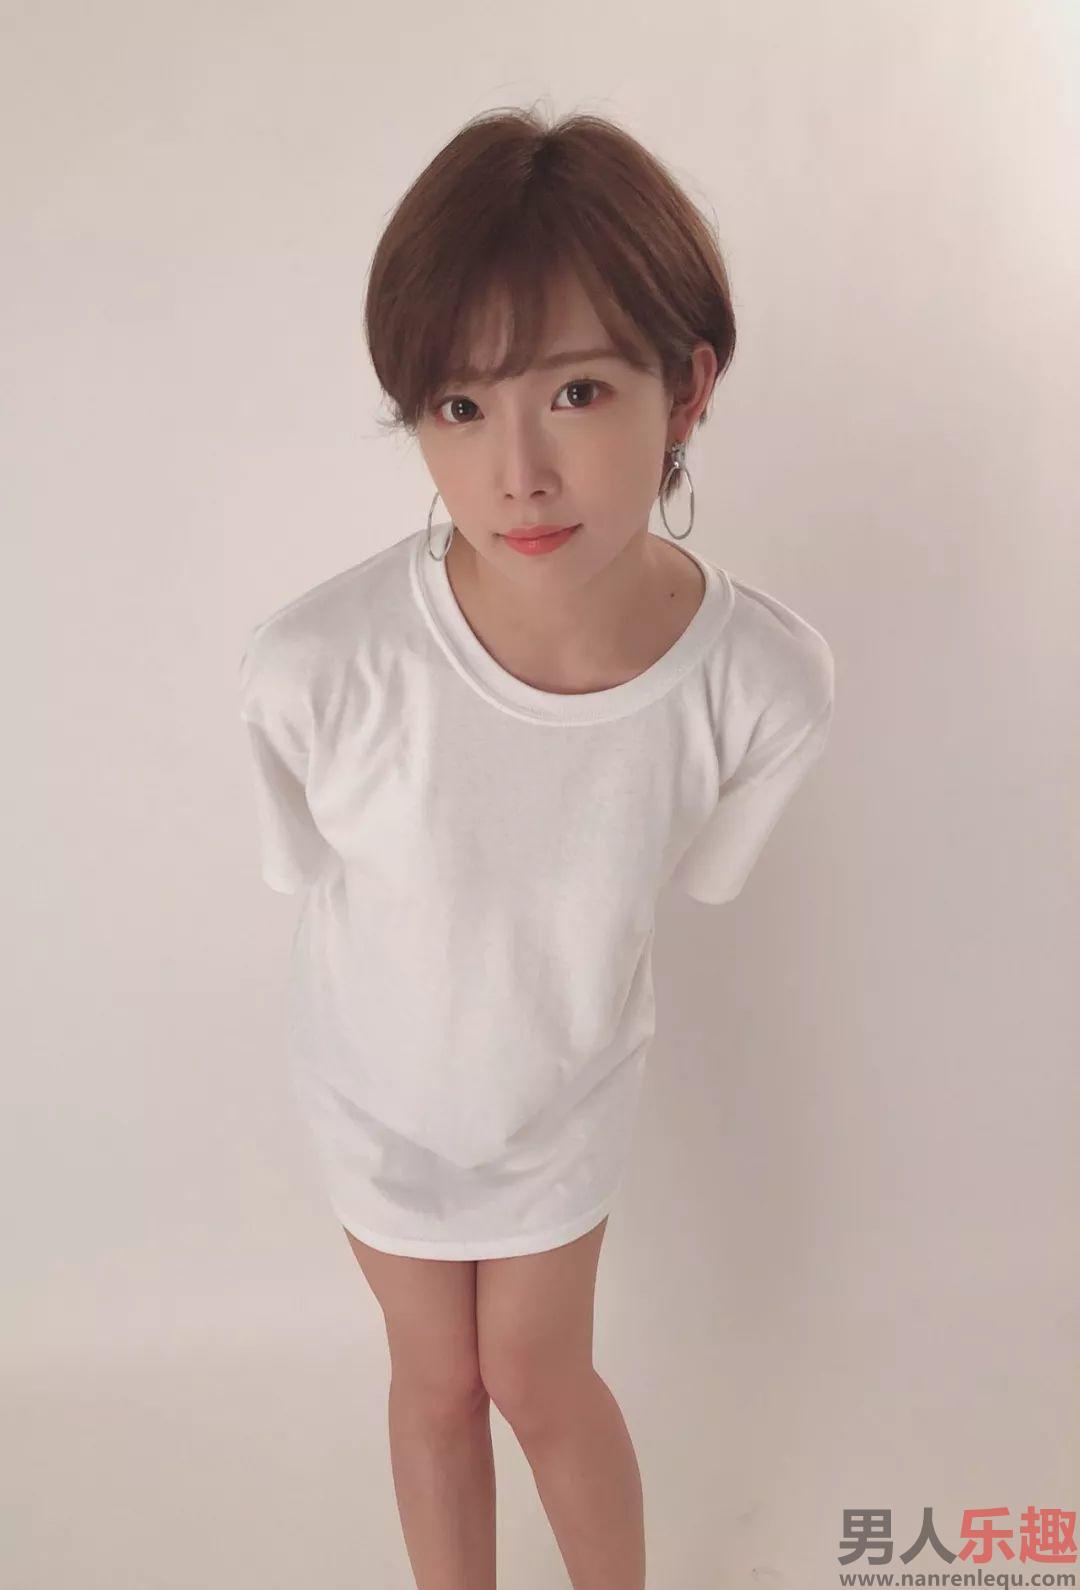 [纱仓真菜]德艺双馨的业界演员